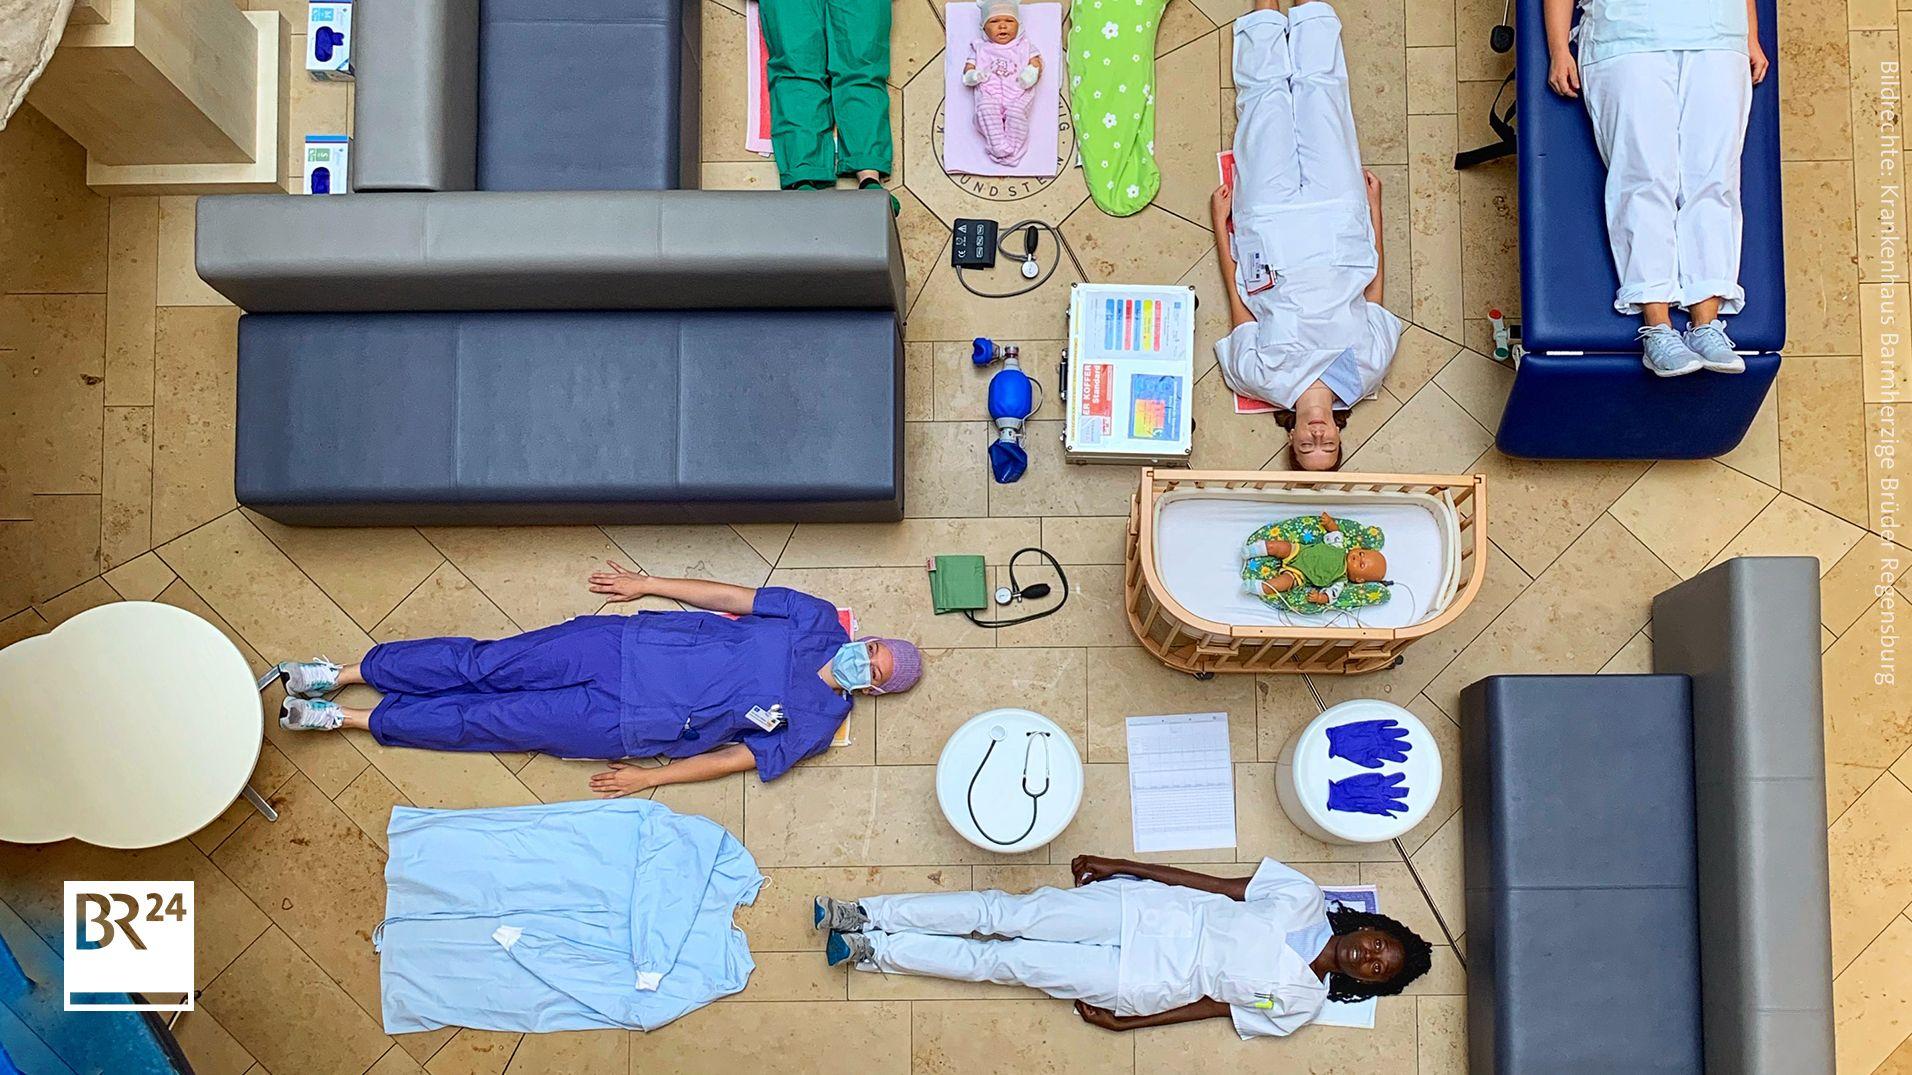 """fünf Frauen, die auf dem Boden liegen. Drei Babypuppen. Ein Stillkissen, ein Stethoskop und etliche andere medizinische Instrumente. Und der kurze Text """"Wir wünschen euch einen schönen Sonntag! ☀️"""" sowie der Hashtag #TetrisChallenge"""